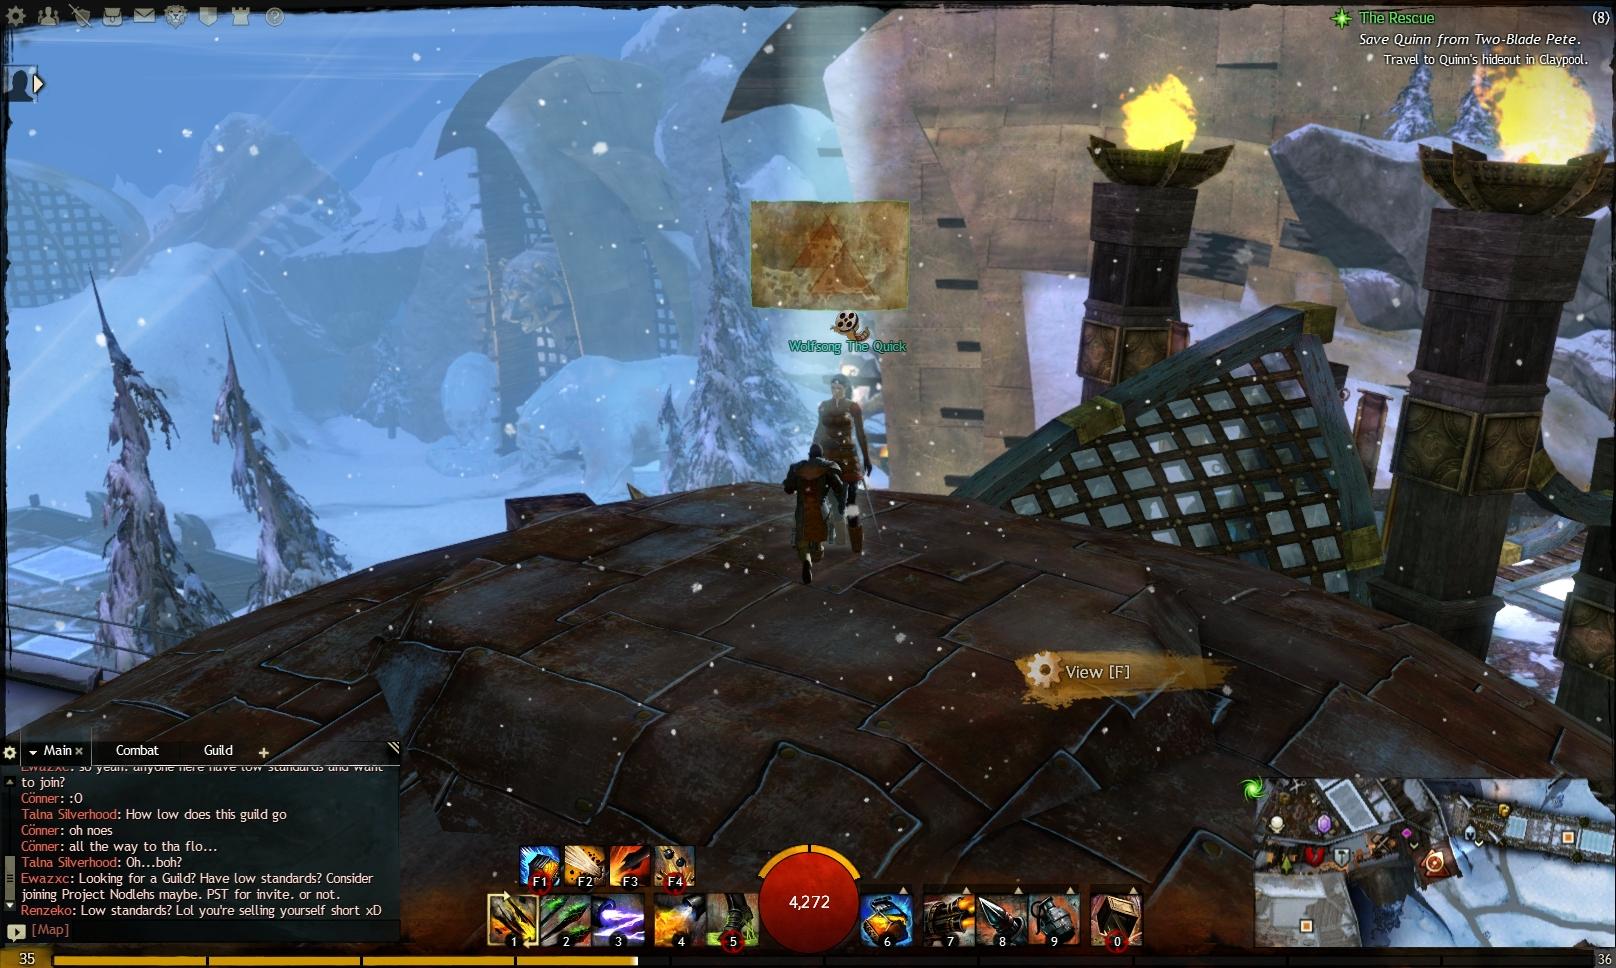 Guild Wars 2 - Vistas in Hoelbrak - 05 Southern Watchpost